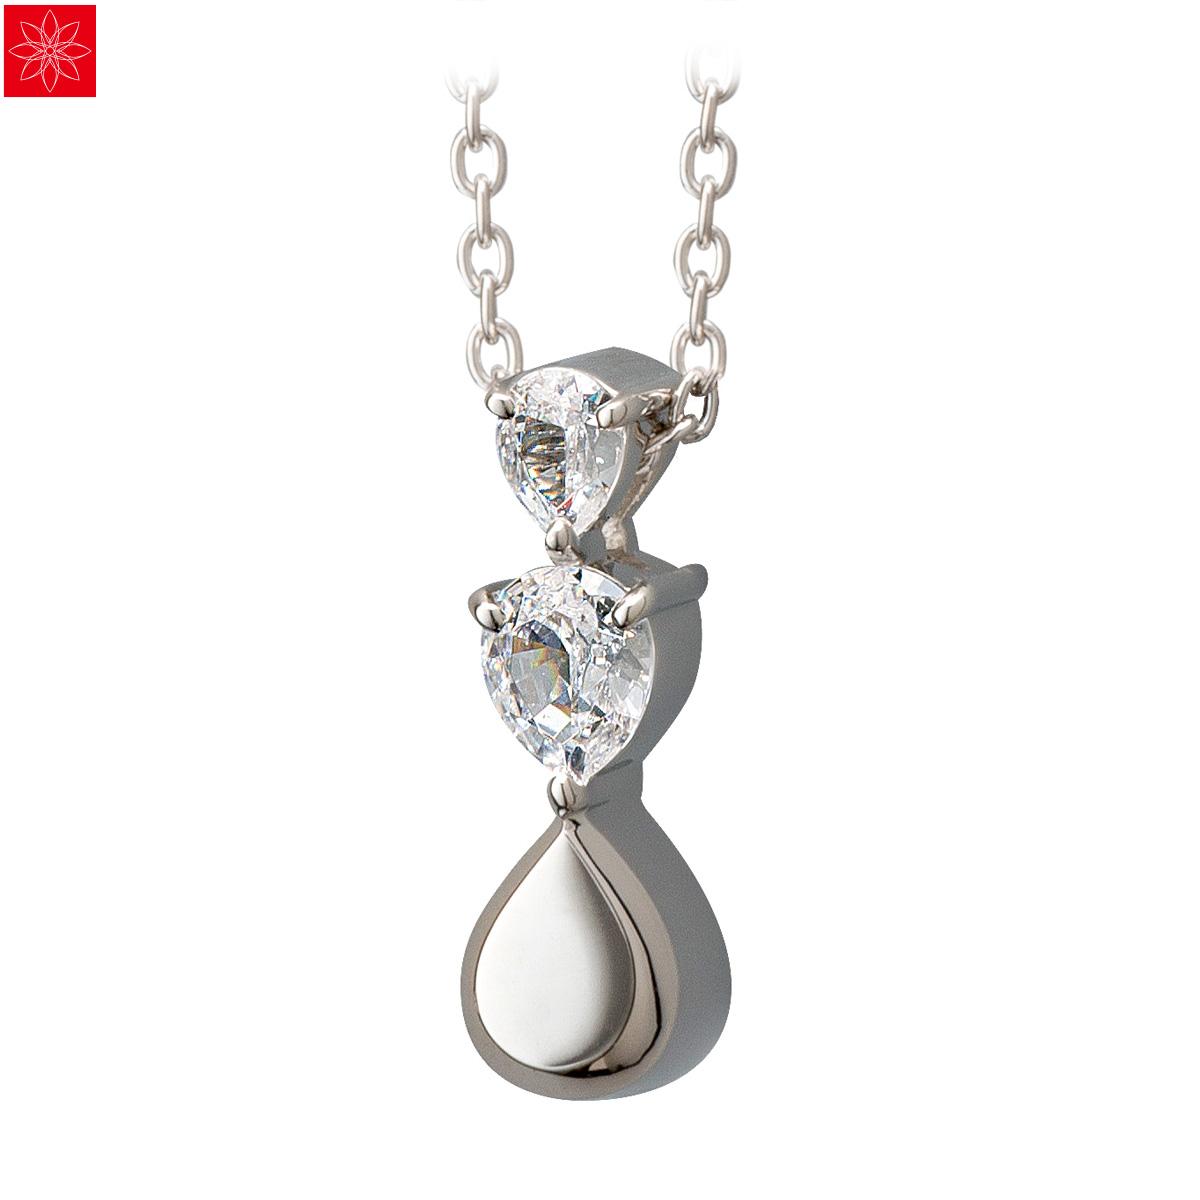 遺骨ペンダント Soul Jewelry Pour toi (プルトワ) ドロップ Made with SWAROVSKI ZIRCONIA シルバー925